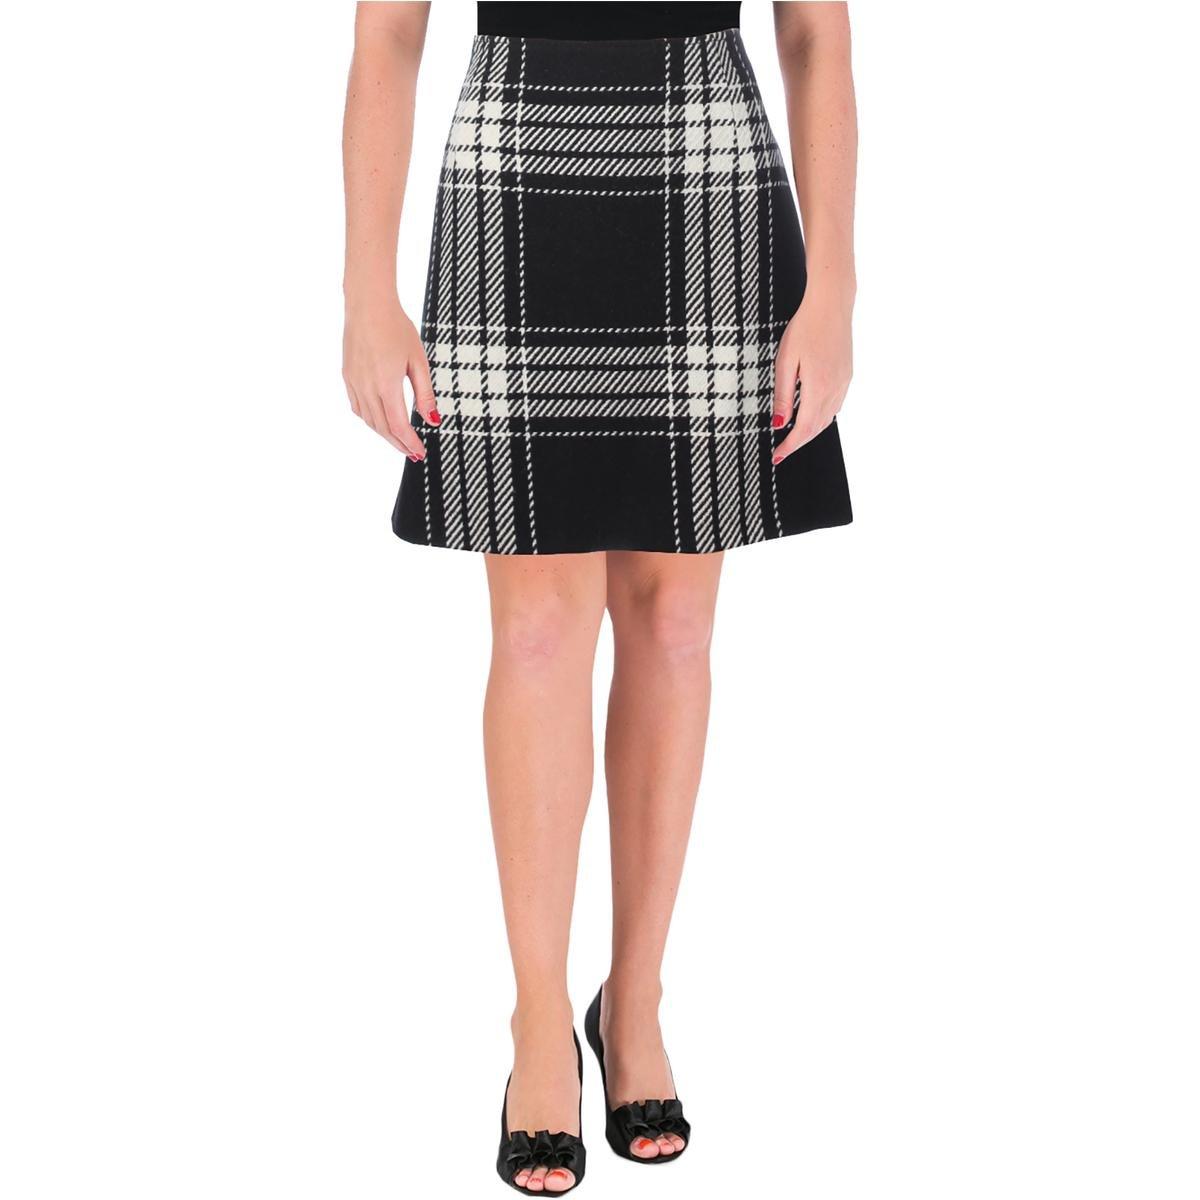 Alexander McQueen Womens Plaid Wool A-Line Skirt B/W 42